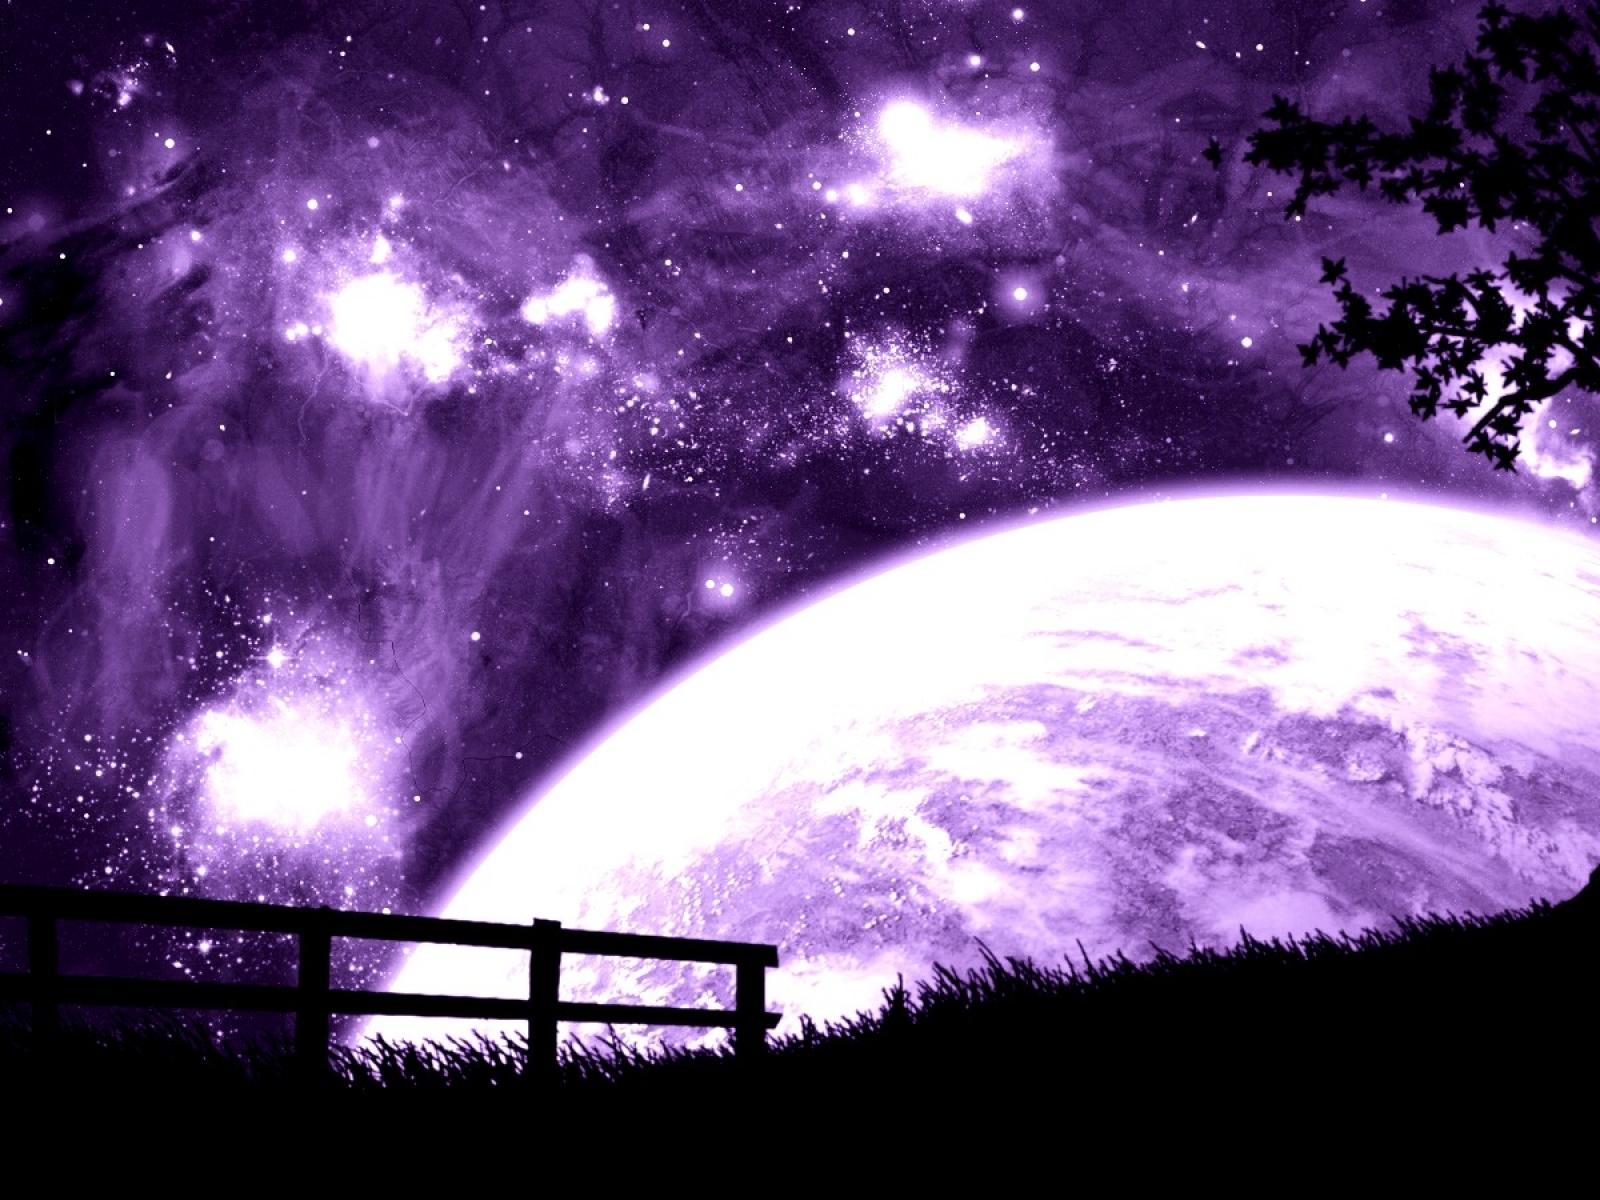 The gallery by purplebutterfly purple backgrounds hd - Purple space wallpaper ...